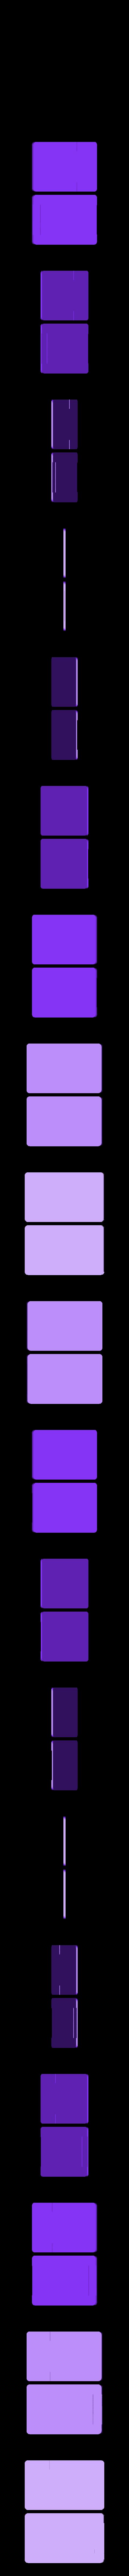 wallet.stl Télécharger fichier STL gratuit Porte-monnaie minimaliste • Plan imprimable en 3D, Urukgar4D